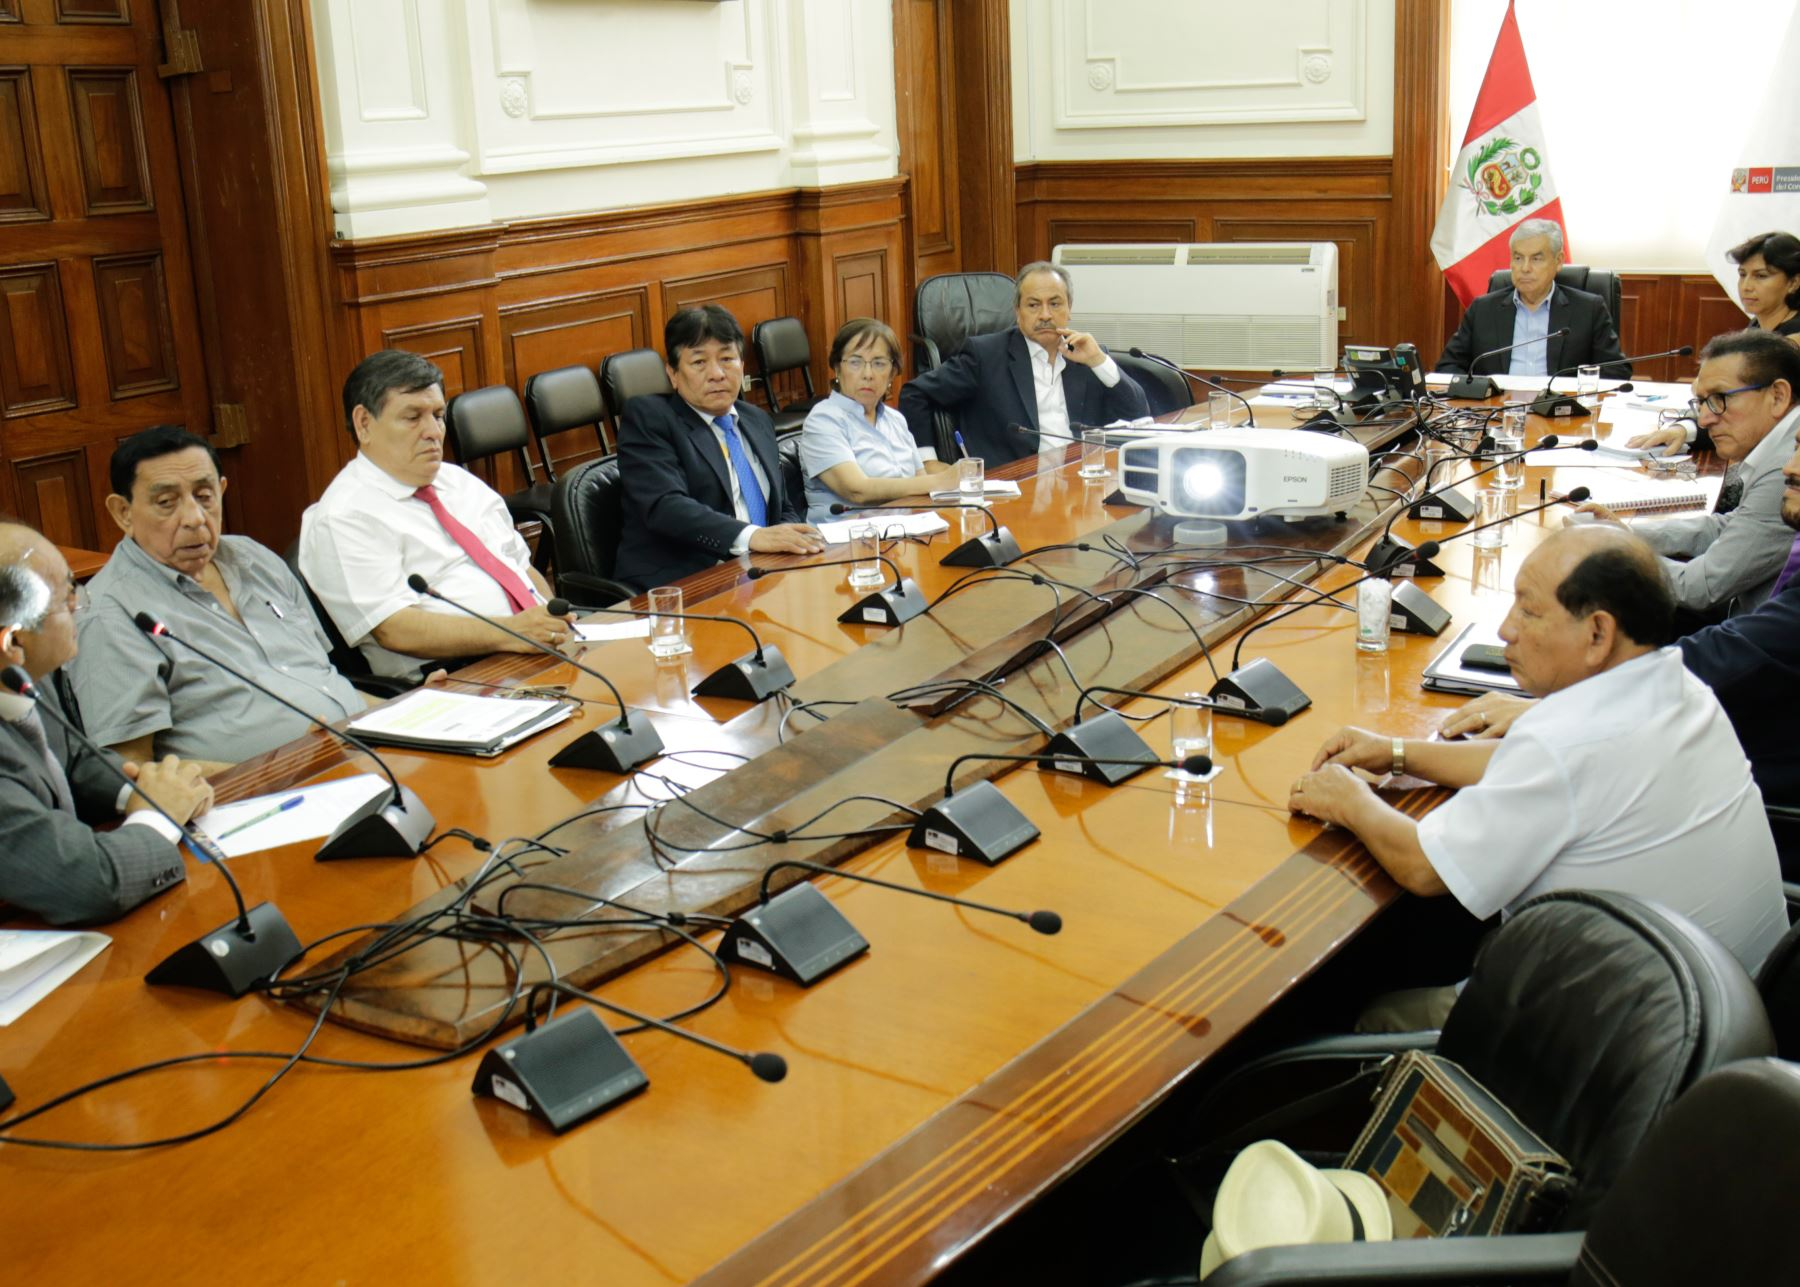 El presidente del Consejo de Ministros, César Villanueva, sostuvo hoy una reunión de trabajo con representantes de las centrales sindicales.